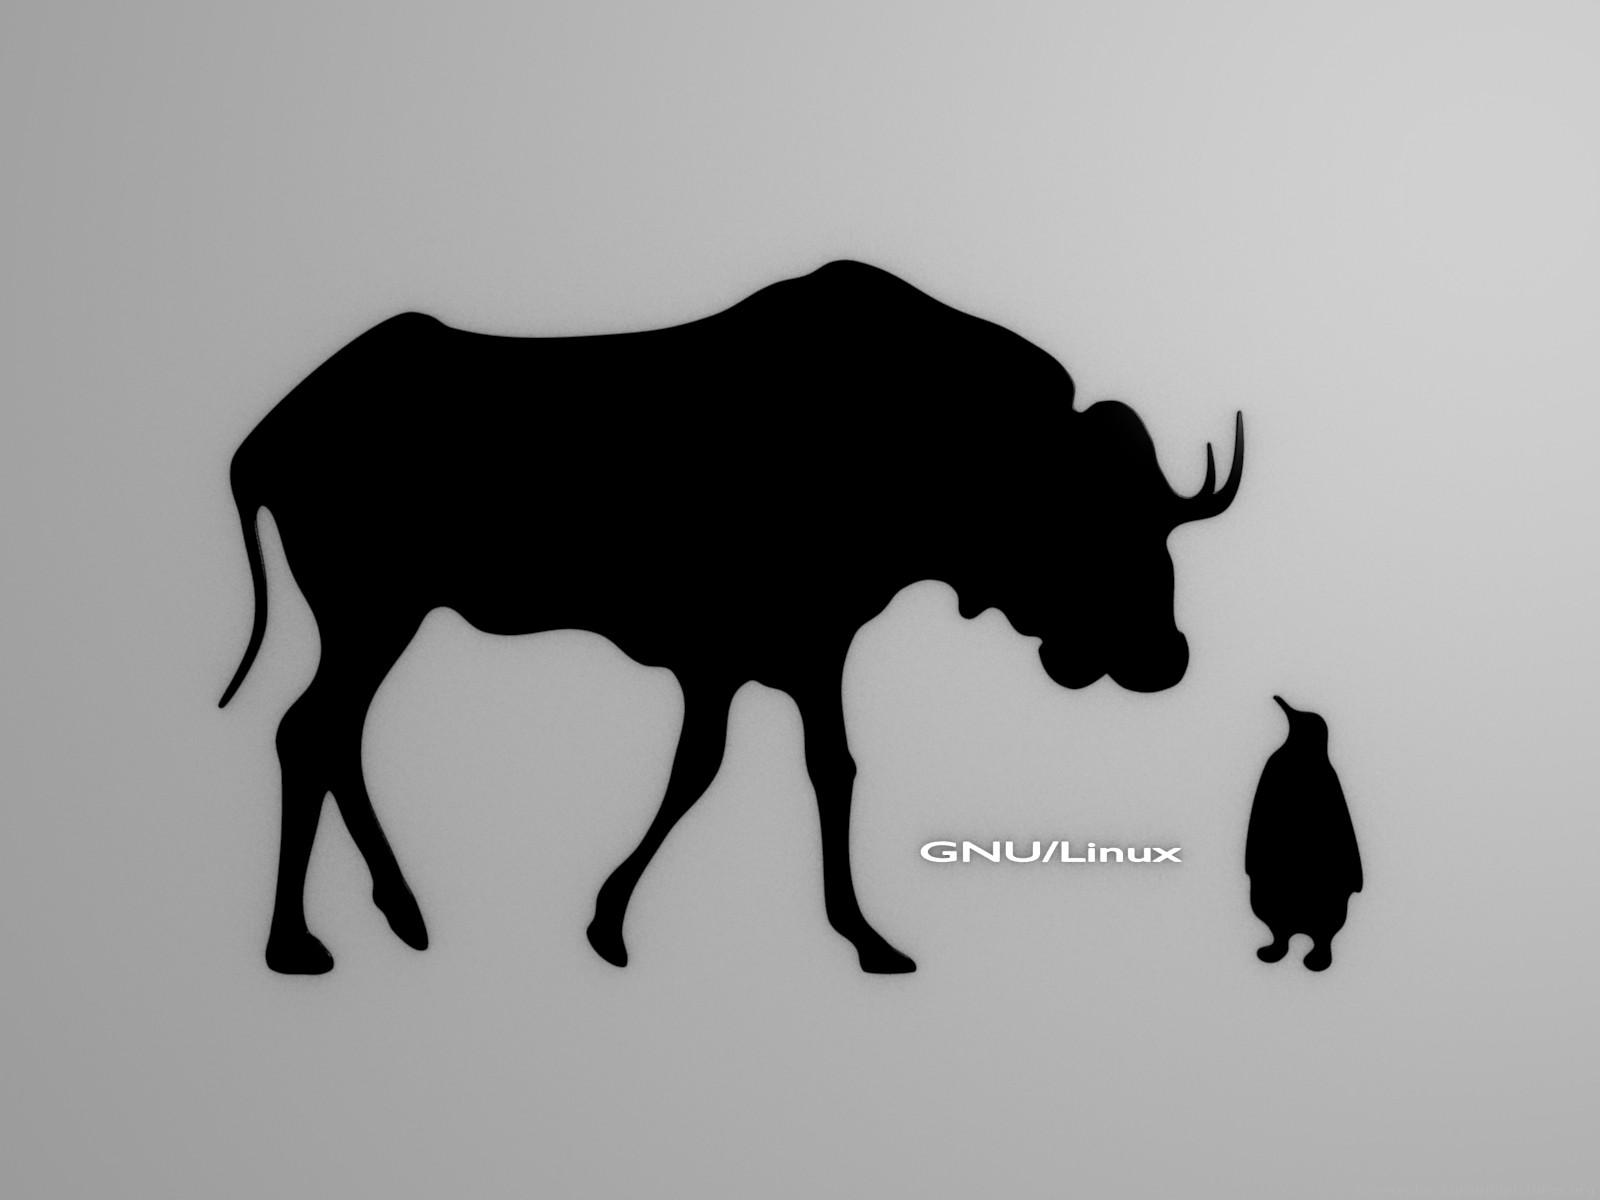 linux-animals-gnu-tux